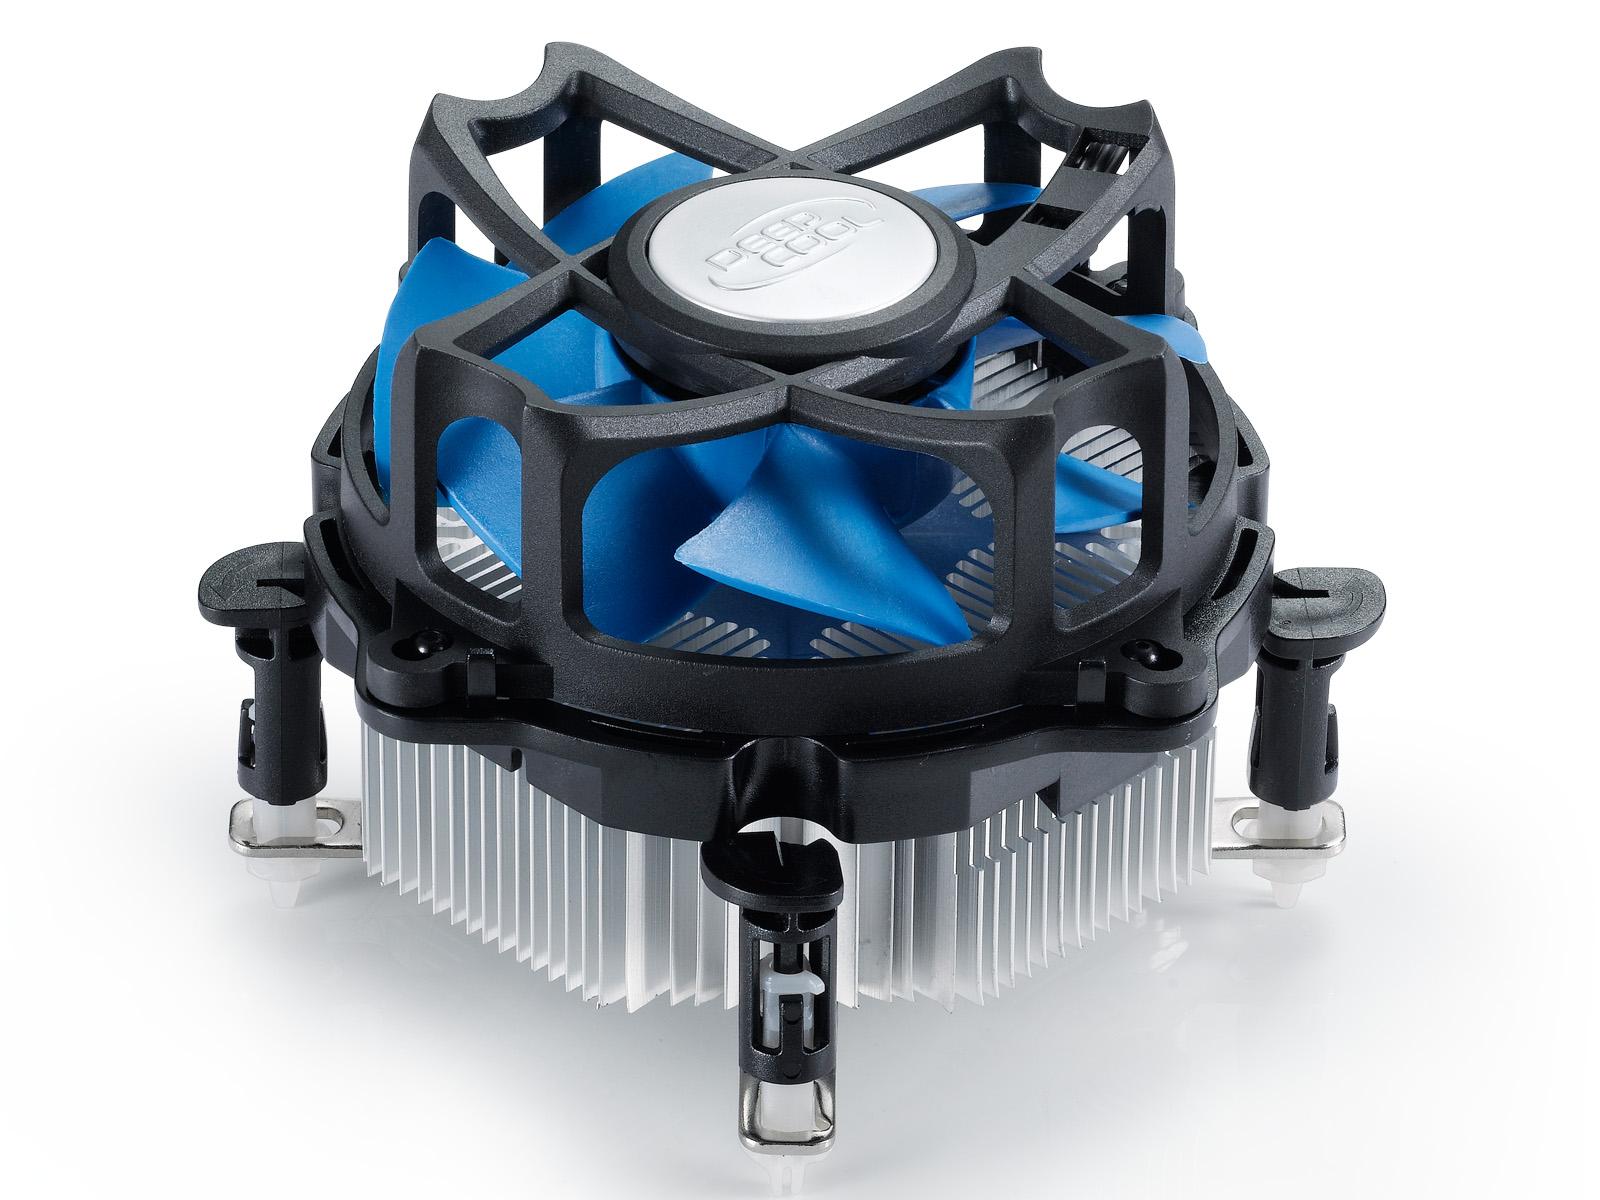 Кулер для процессора Deep Cool ALTA 7 s1156/LGA1155/LGA775 золушка 2018 10 14t16 00